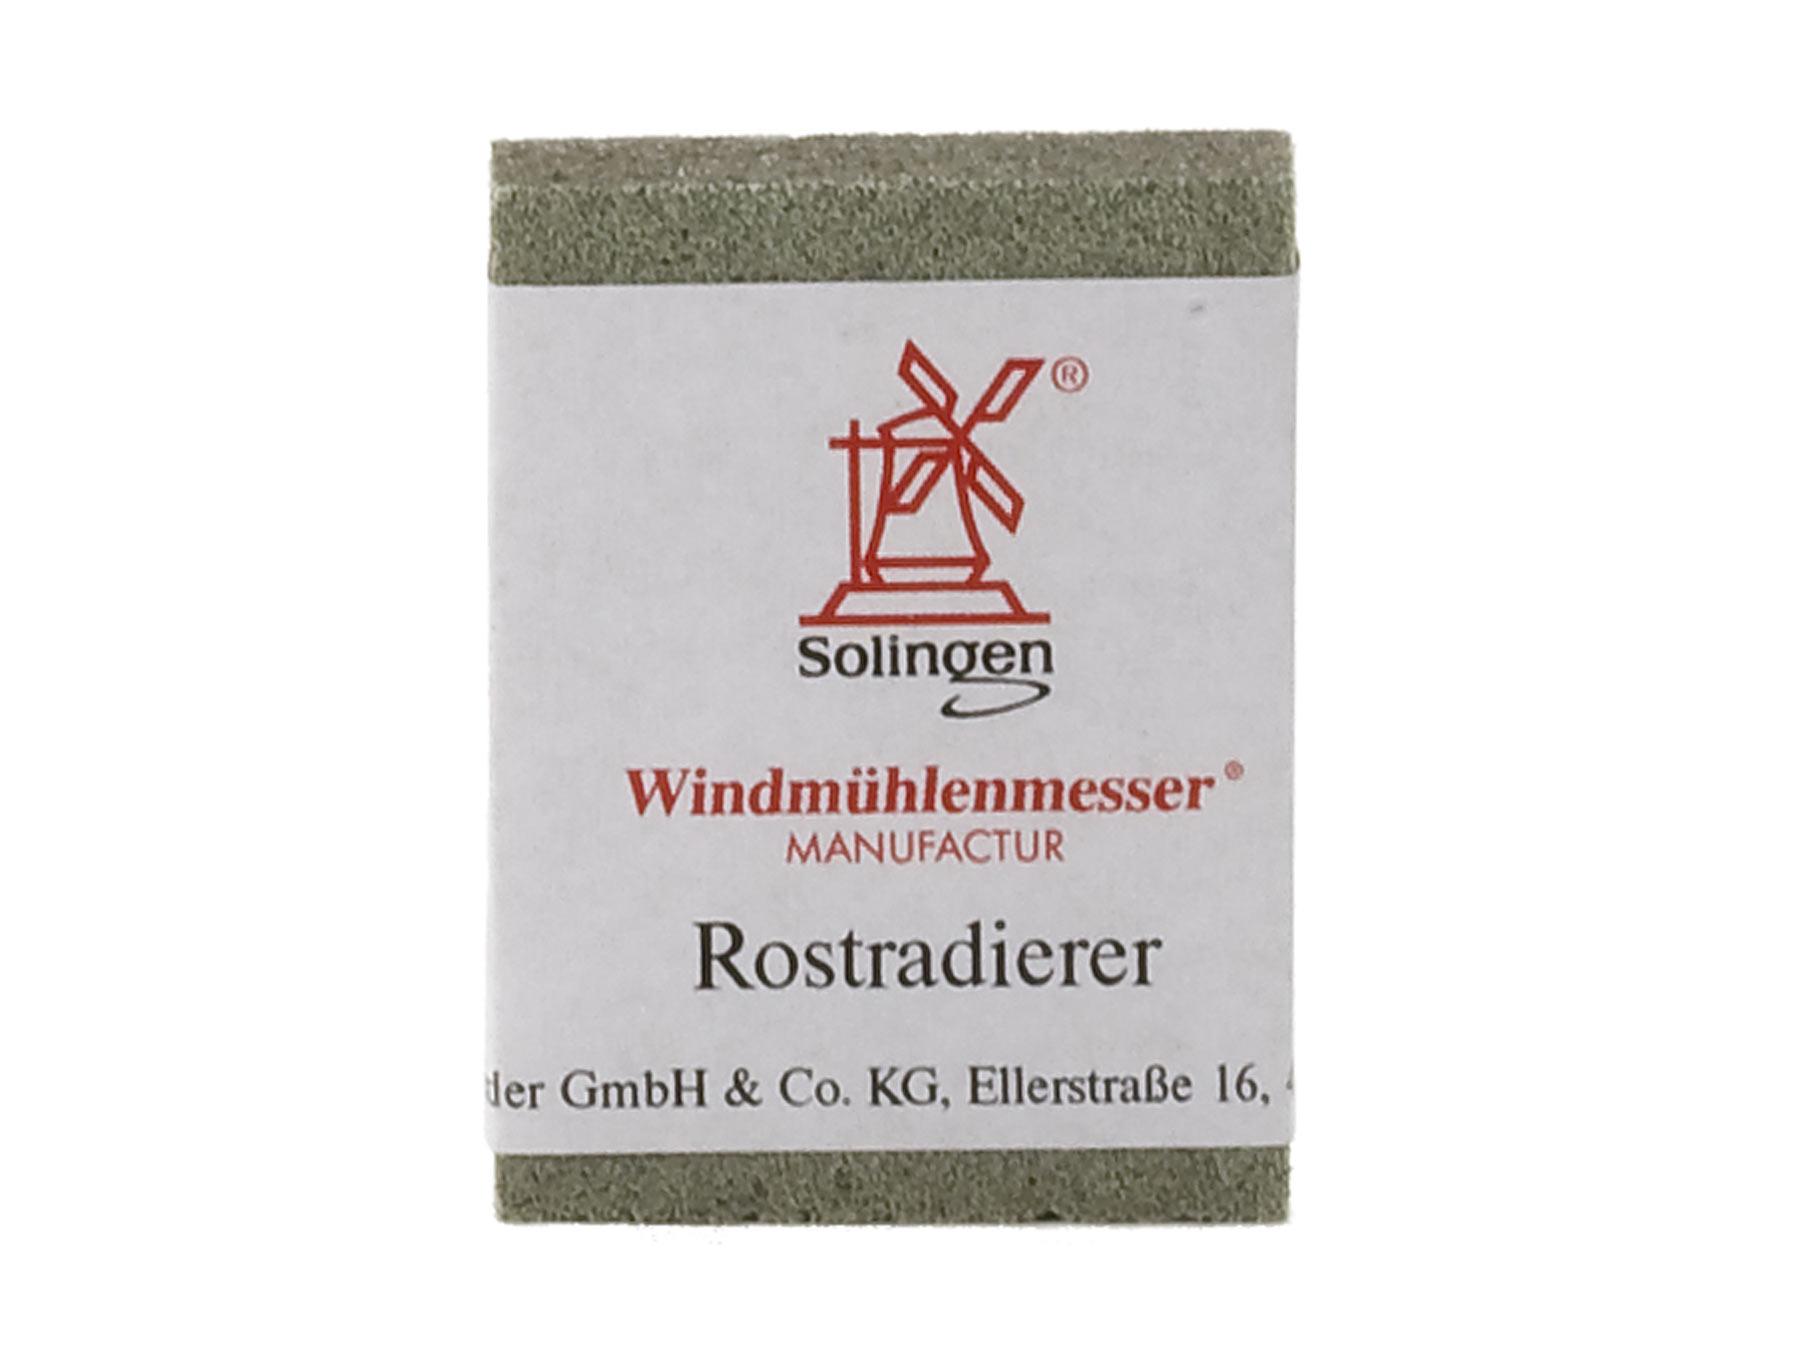 Windmühle Rostradierer